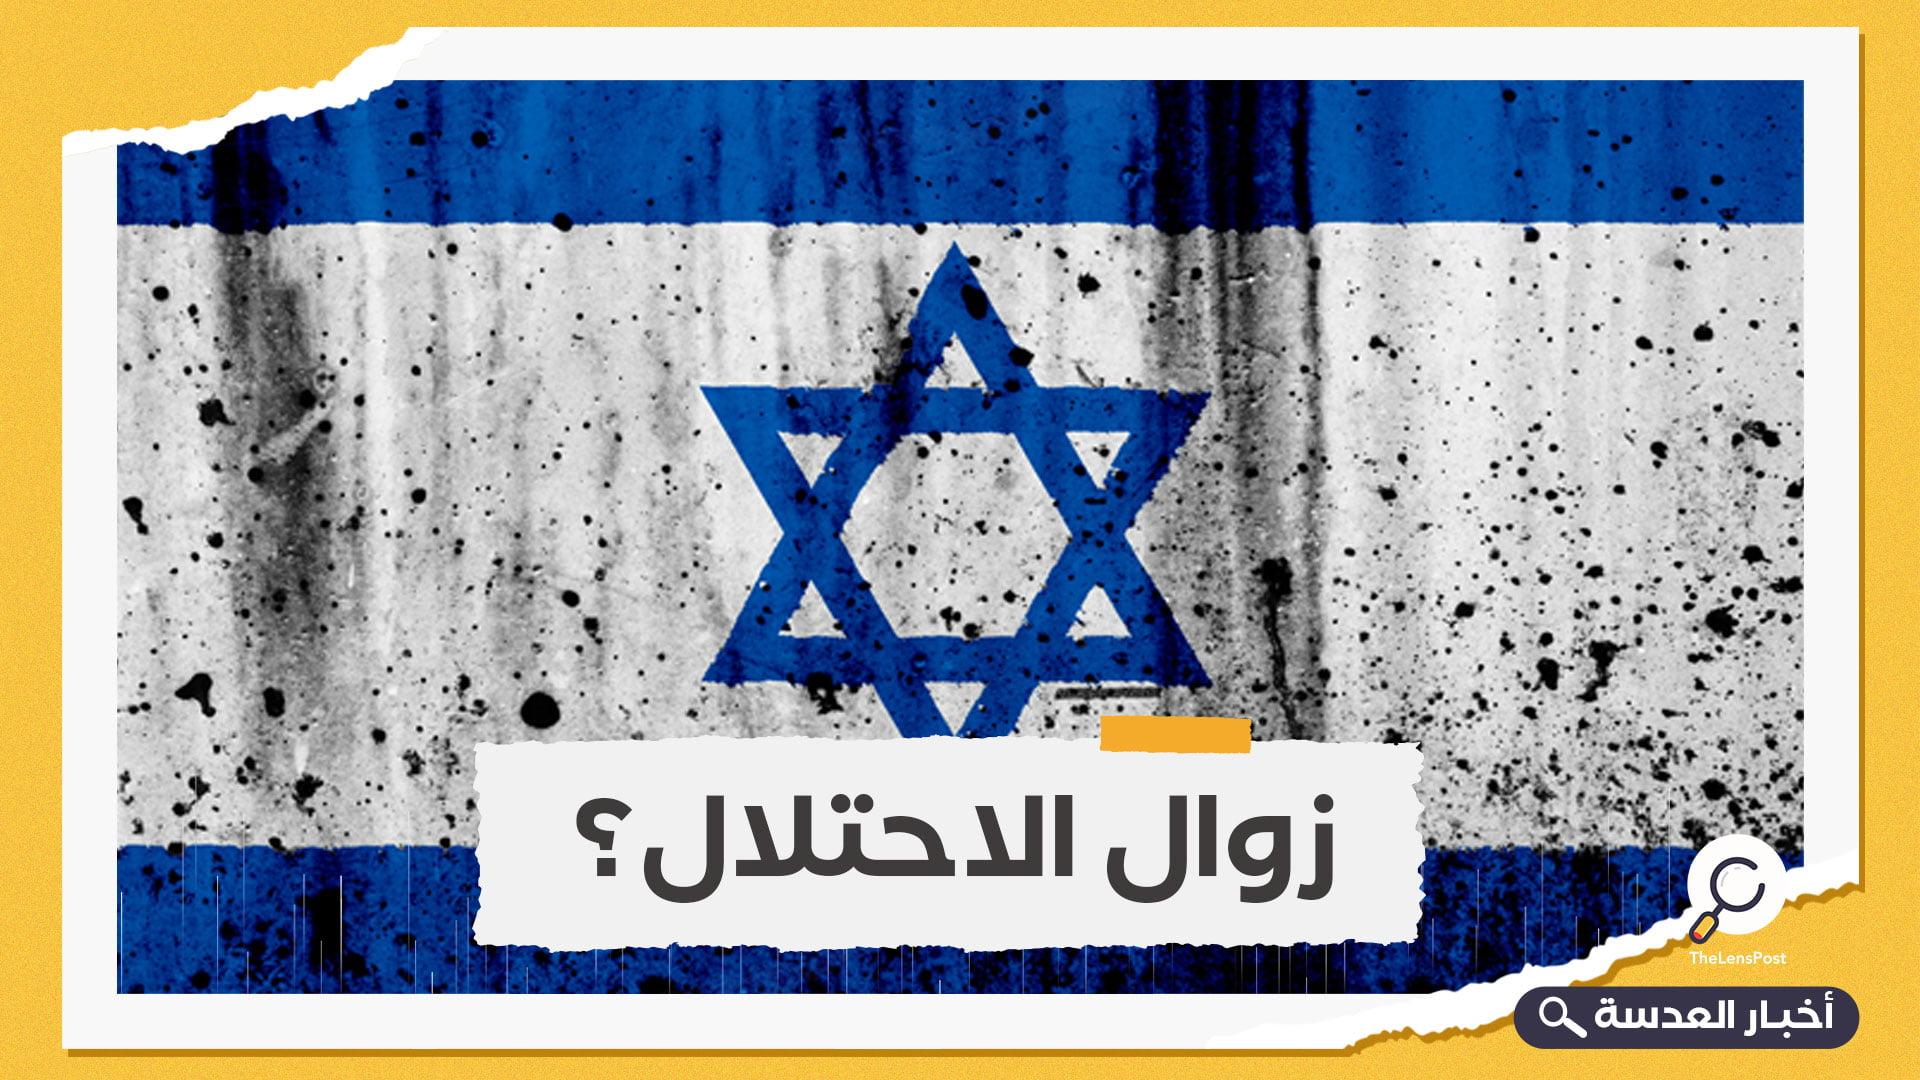 دراسة جديدة: زلزال مدمر قد يضرب إسرائيل قريبا خلال سنوات